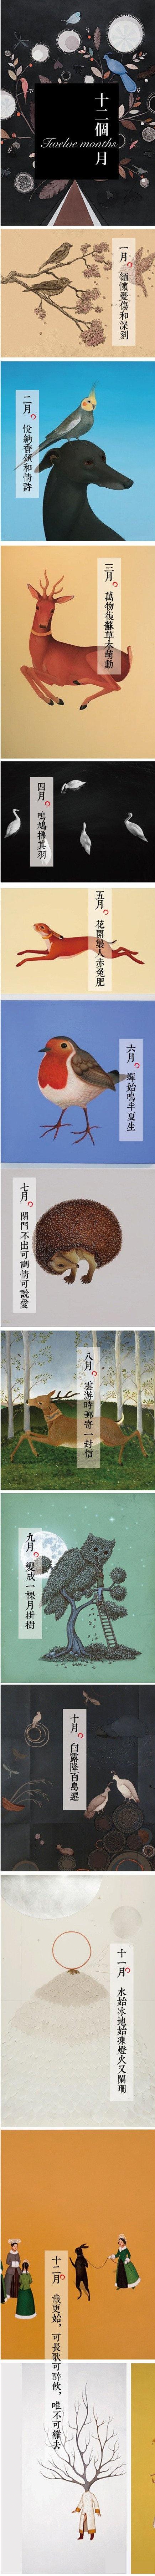 日本民间对月份的别称:初空、梅见、夜樱、清和、浴兰、蝉羽、凉月、月见、竹醉、时雨、神乐及胧月。